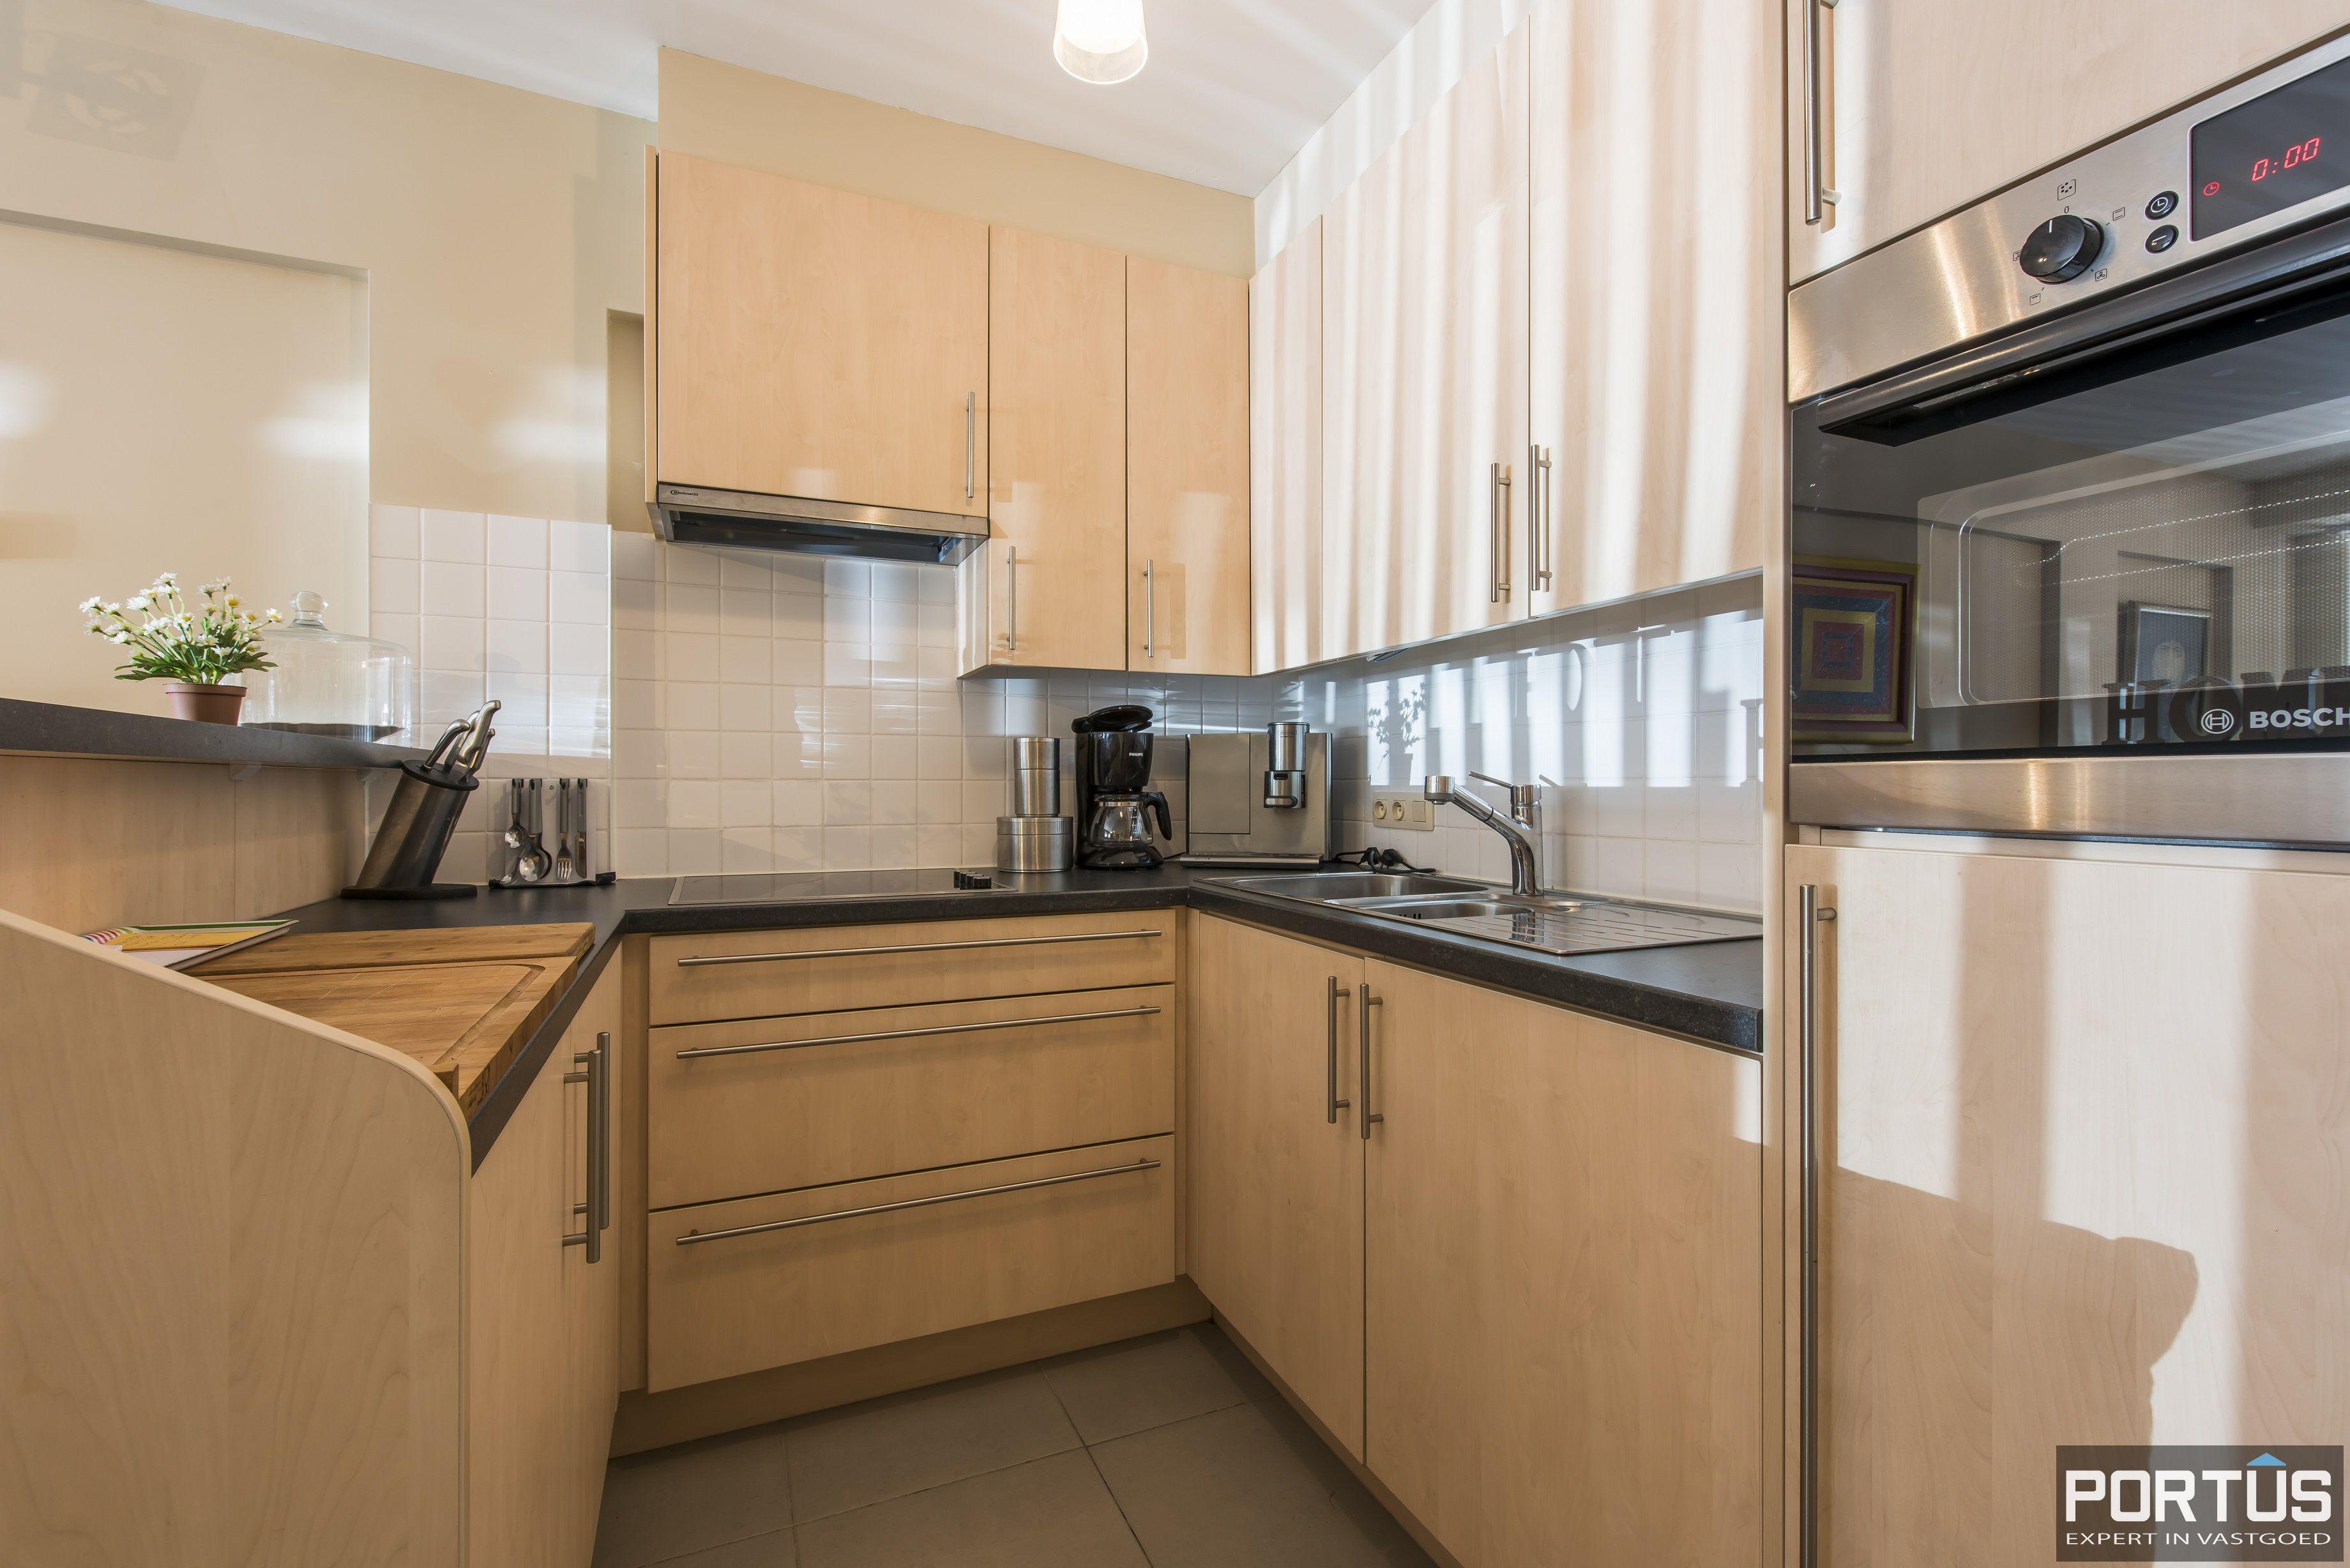 Instapklaar gelijkvloers appartement met 2 slaapkamers te huur te Nieuwpoort  - 11732